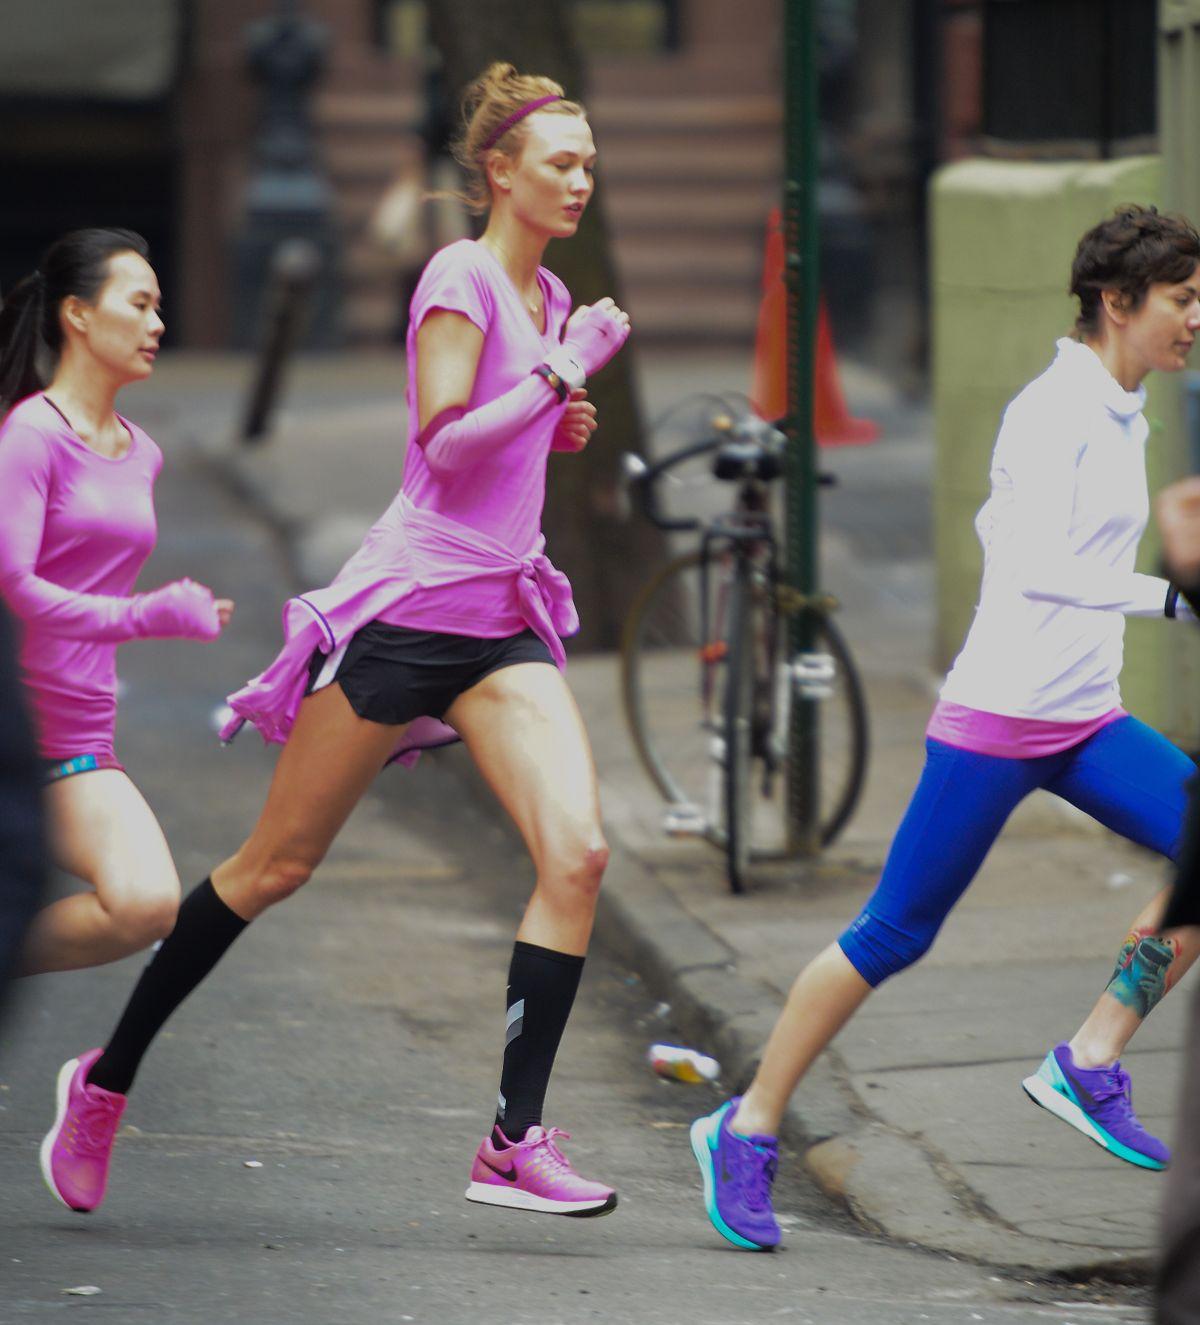 Siêu mẫu trong một chiến dịch chạy thử giày chạy của Nike.